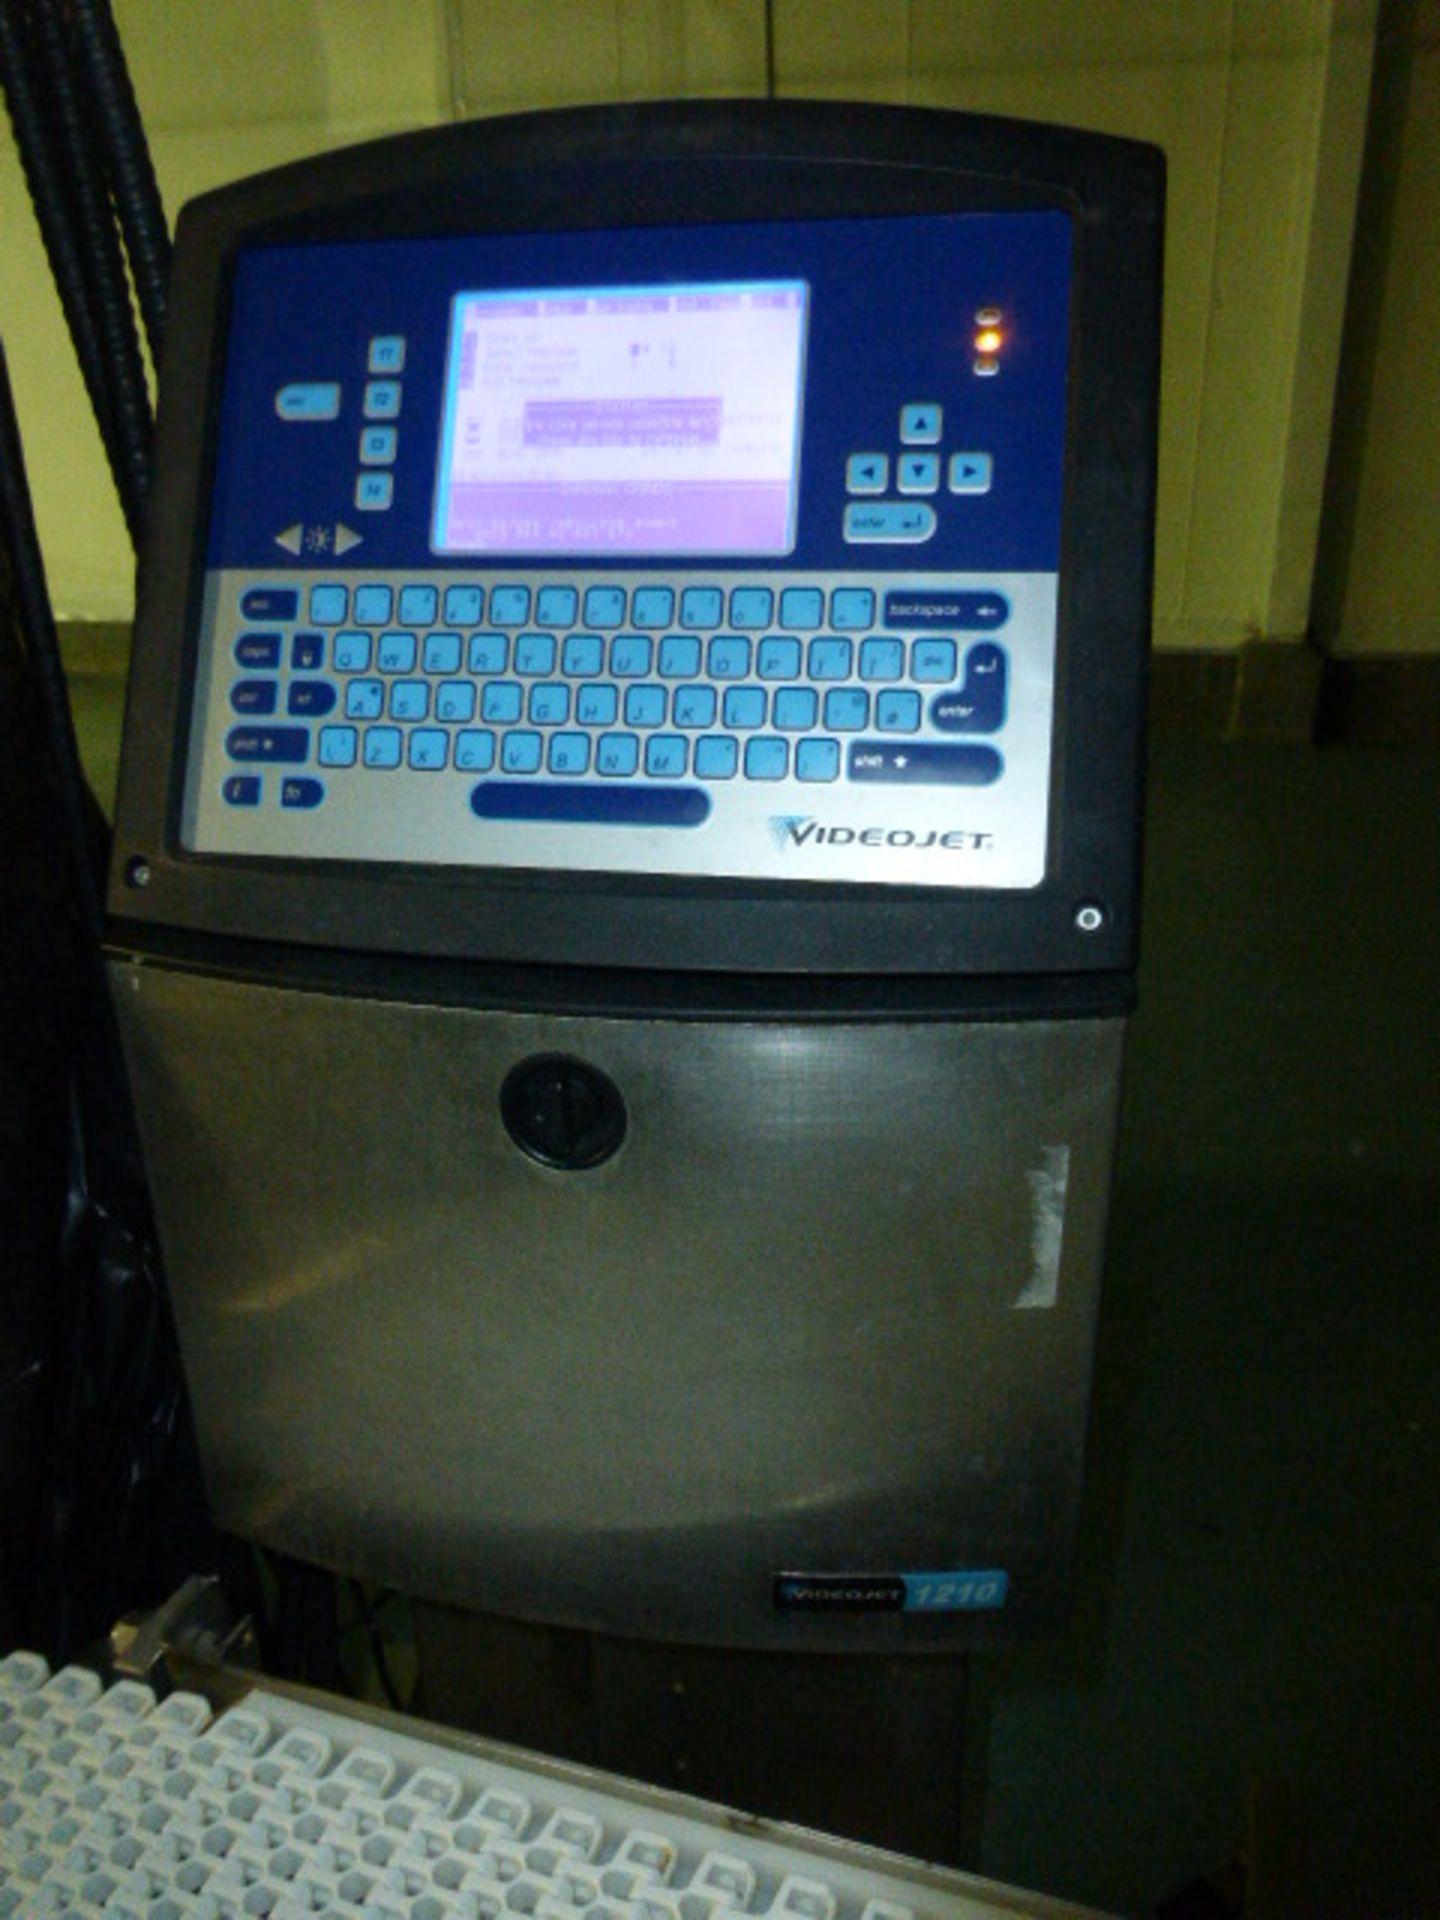 Lot 62 - VideoJet date coder, mod. 1210, ser. no. 1030736C10ZH w/ plastic belt transfer conveyor, 10 in. x 48